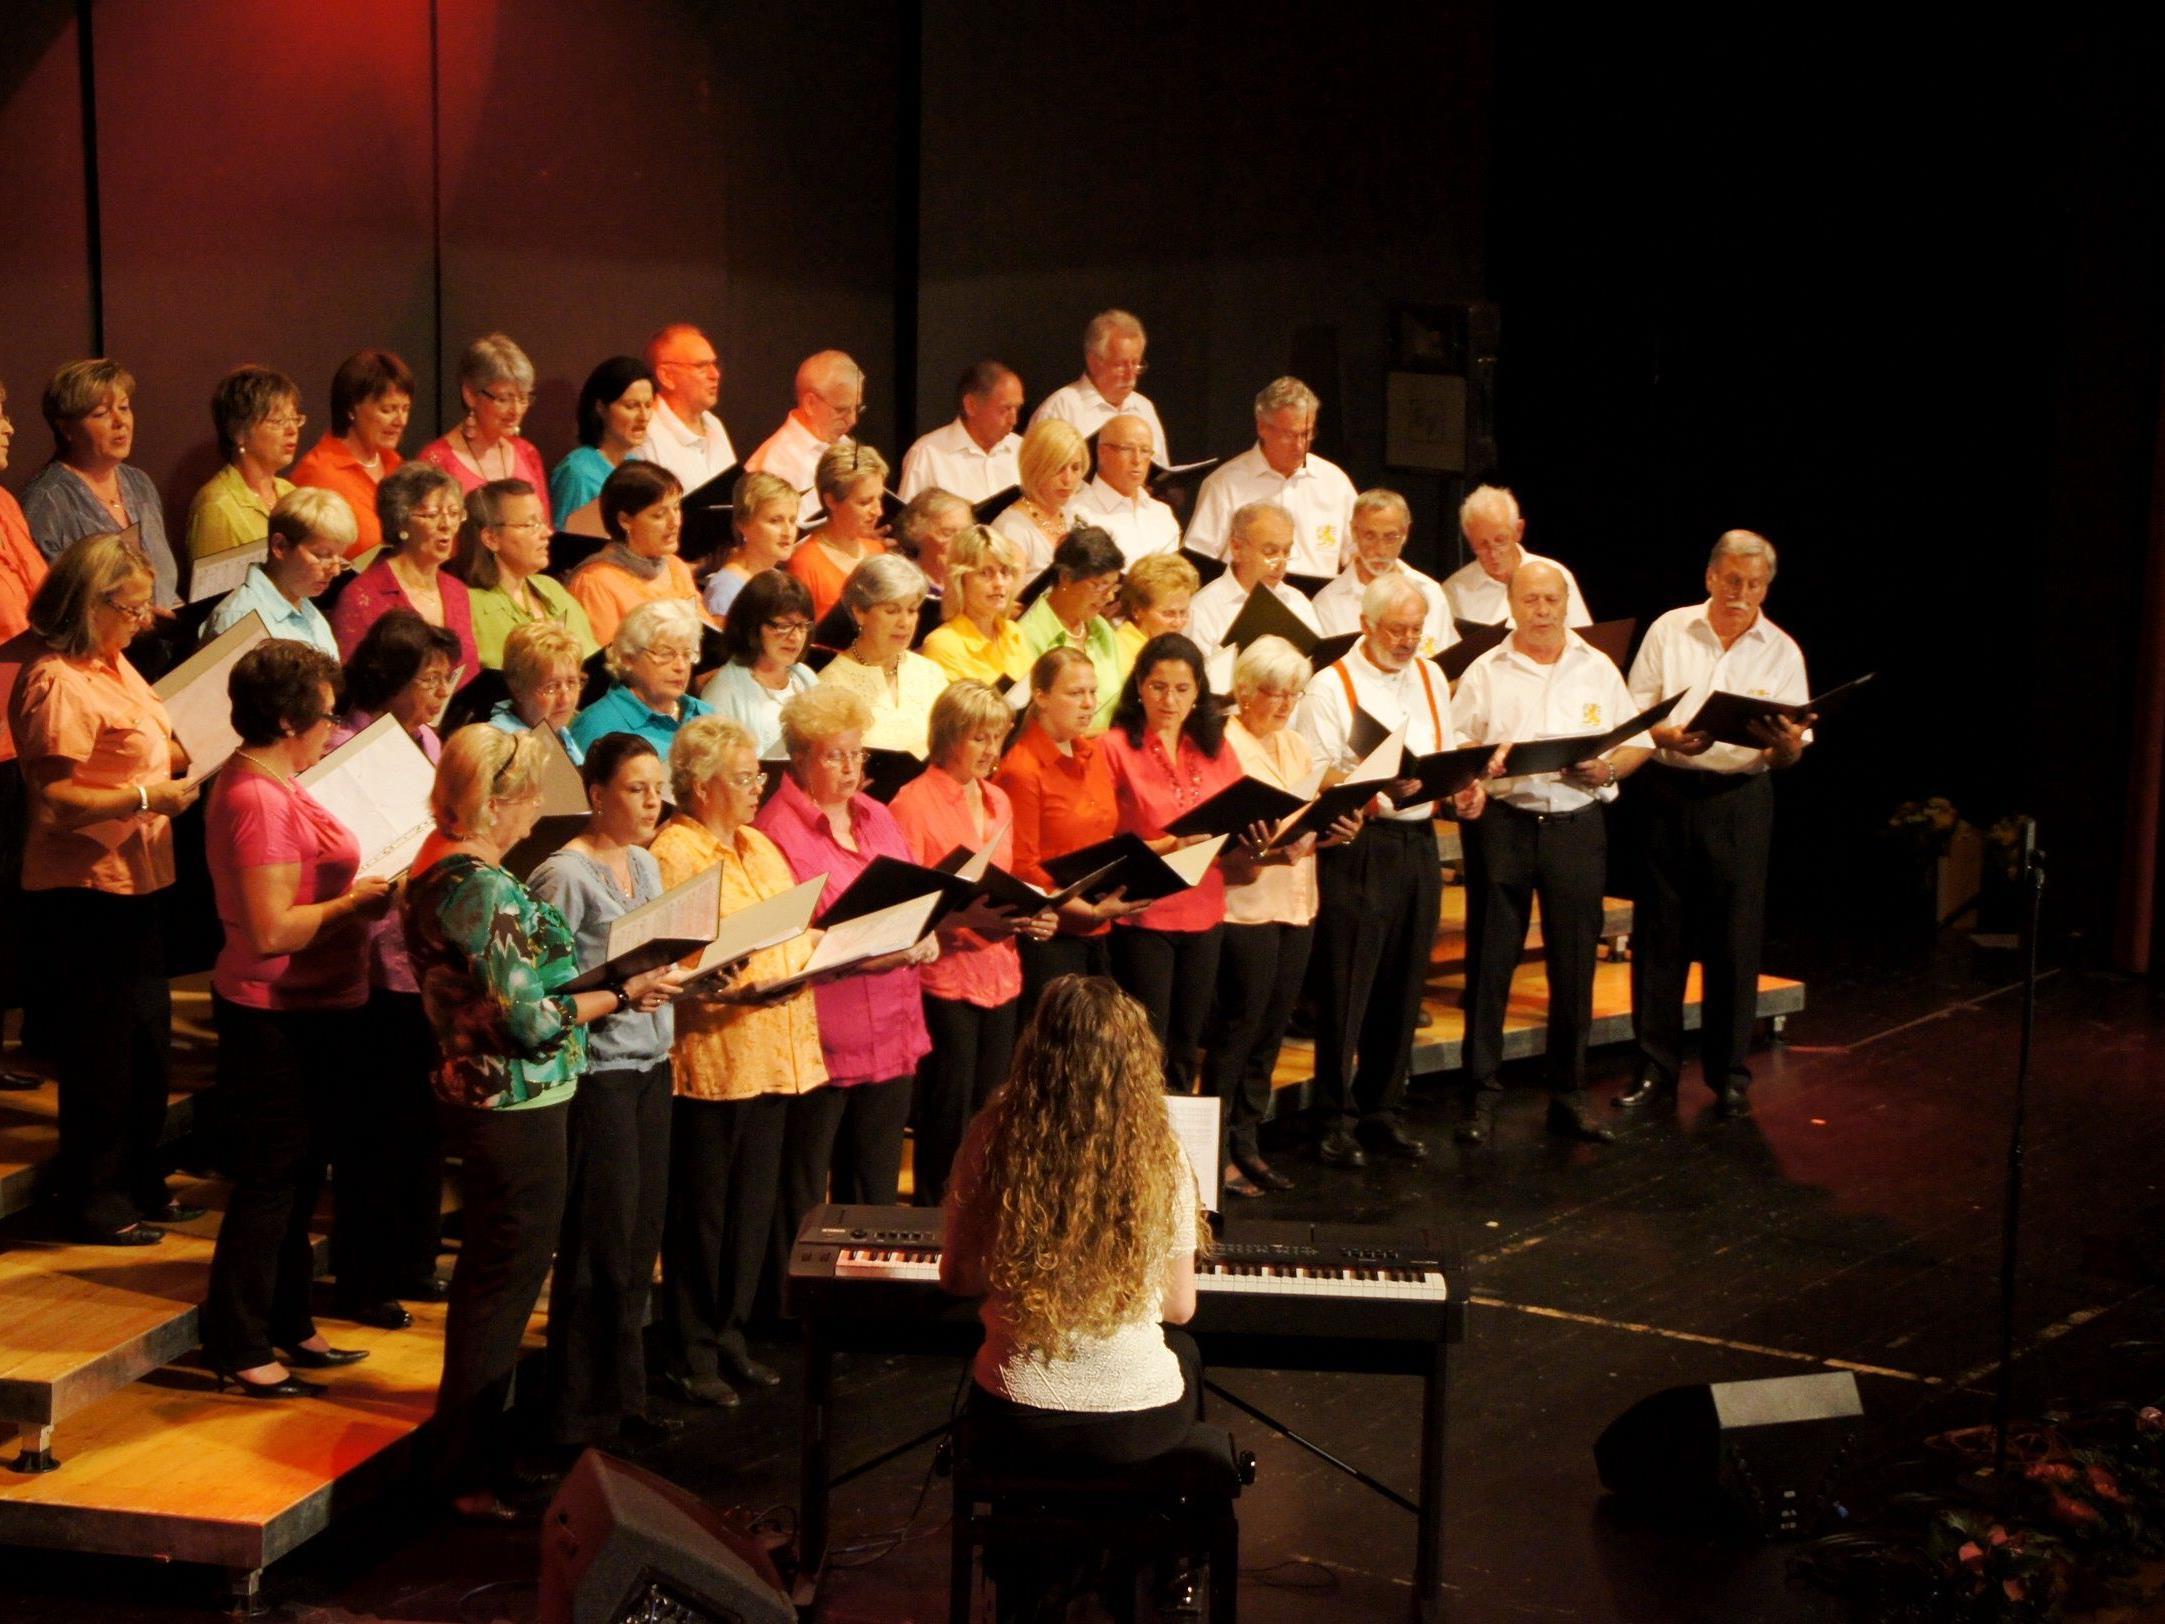 Gesangverein  Konkordia,stolze 155 Jahre ein Verein